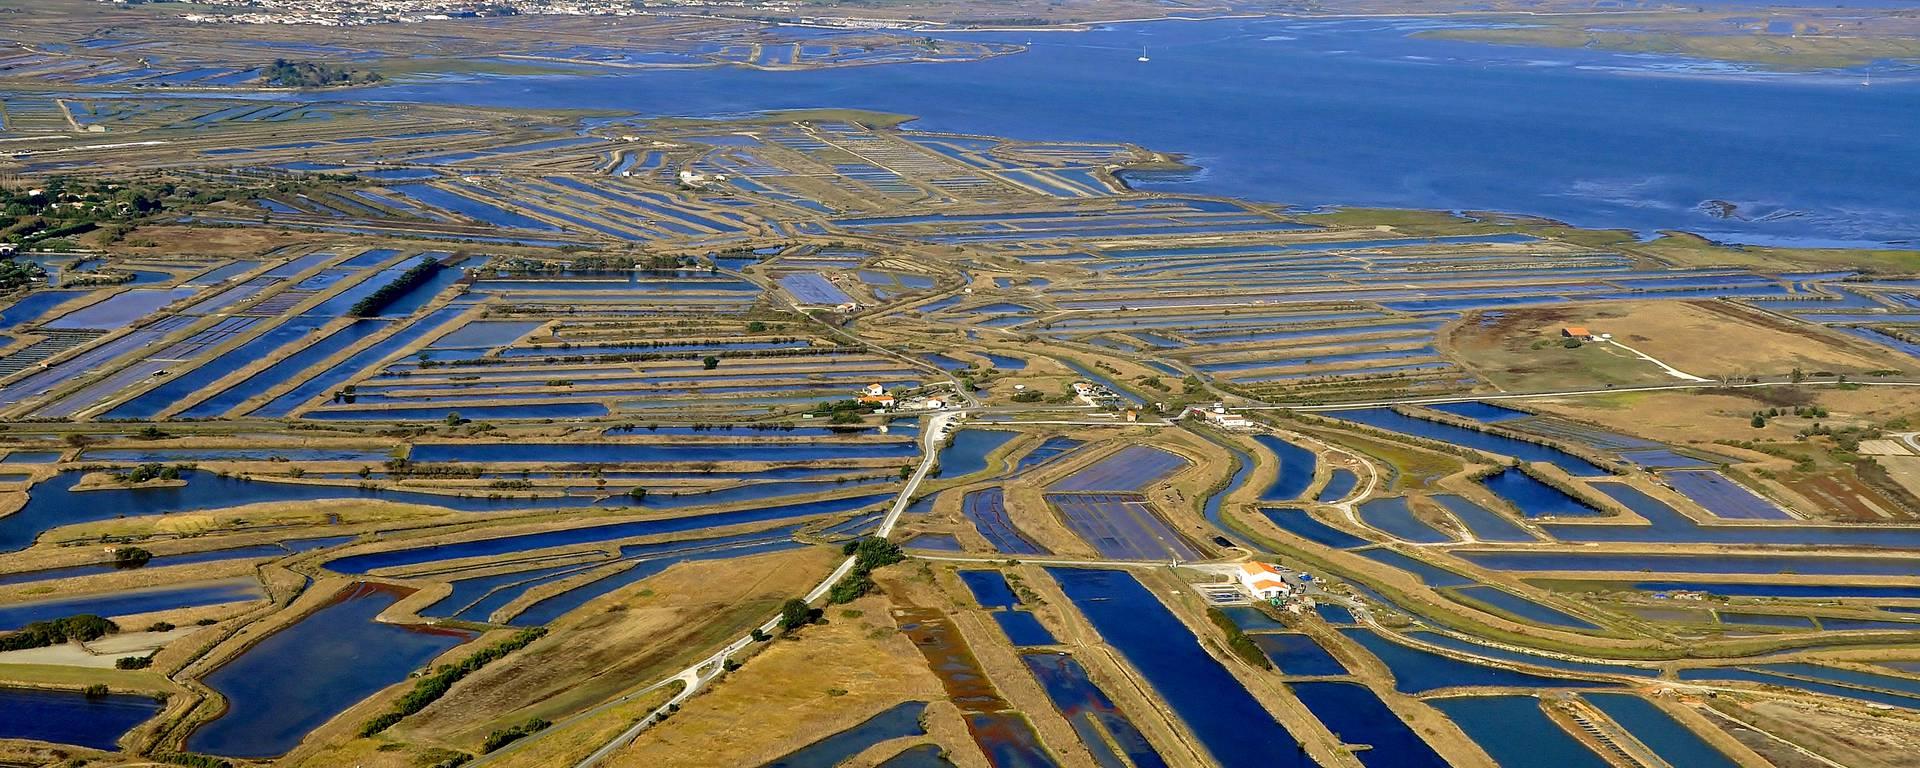 Les marais salants de l'Ile de Ré à perte de vue par Bernard Collin